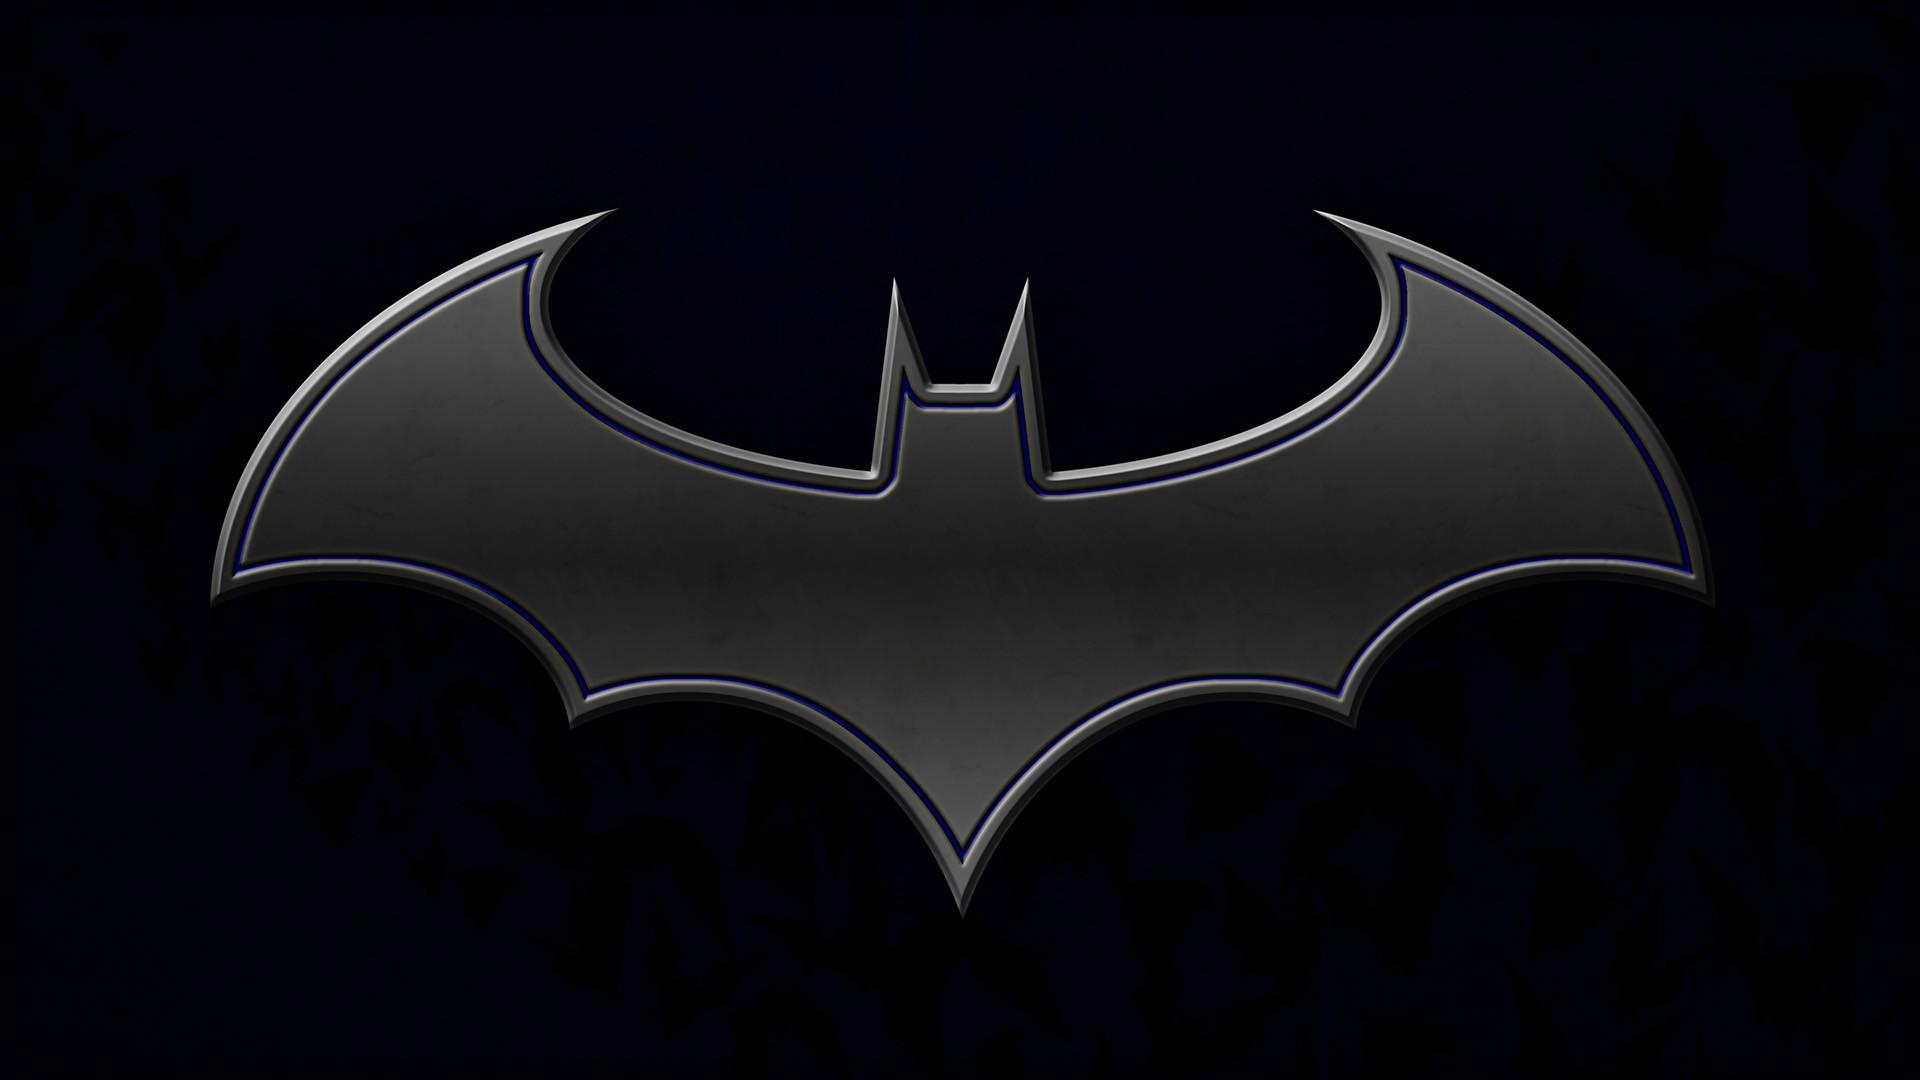 Batman Logo Wallpaper HD (74+ images)